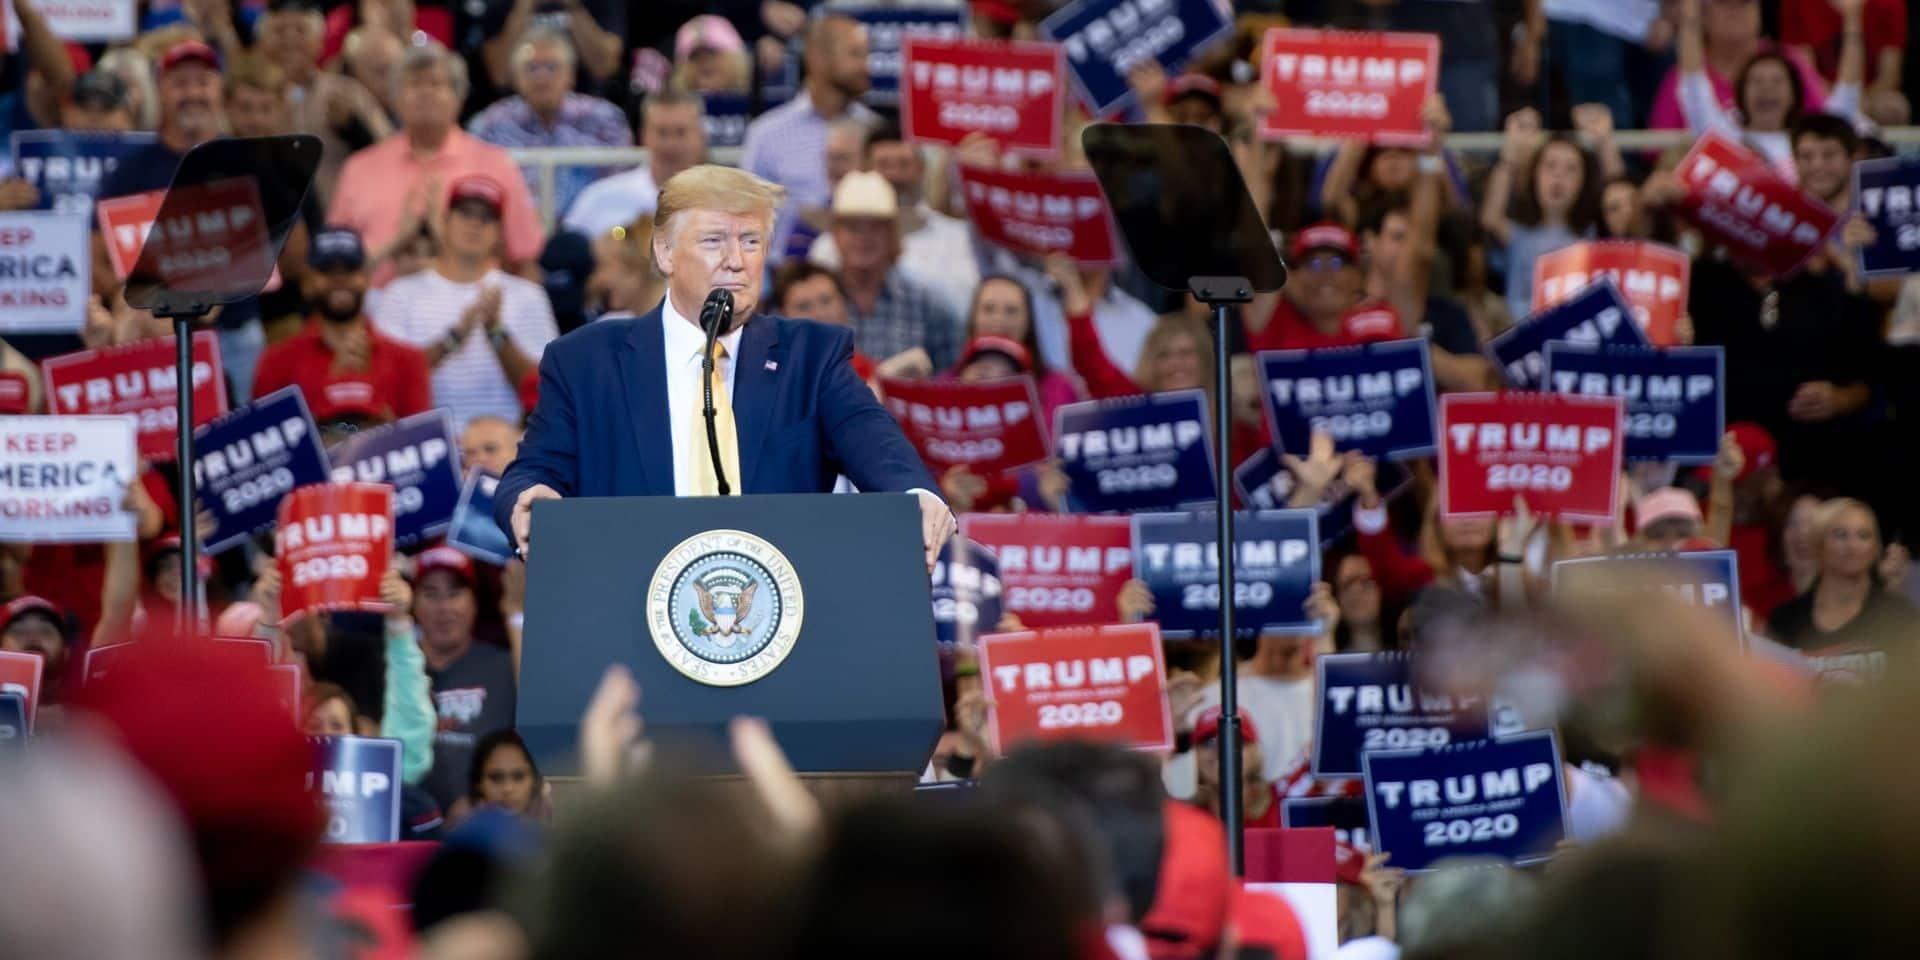 Lassé de la rhétorique pro-Trump, une figure phare de Fox News claque la porte